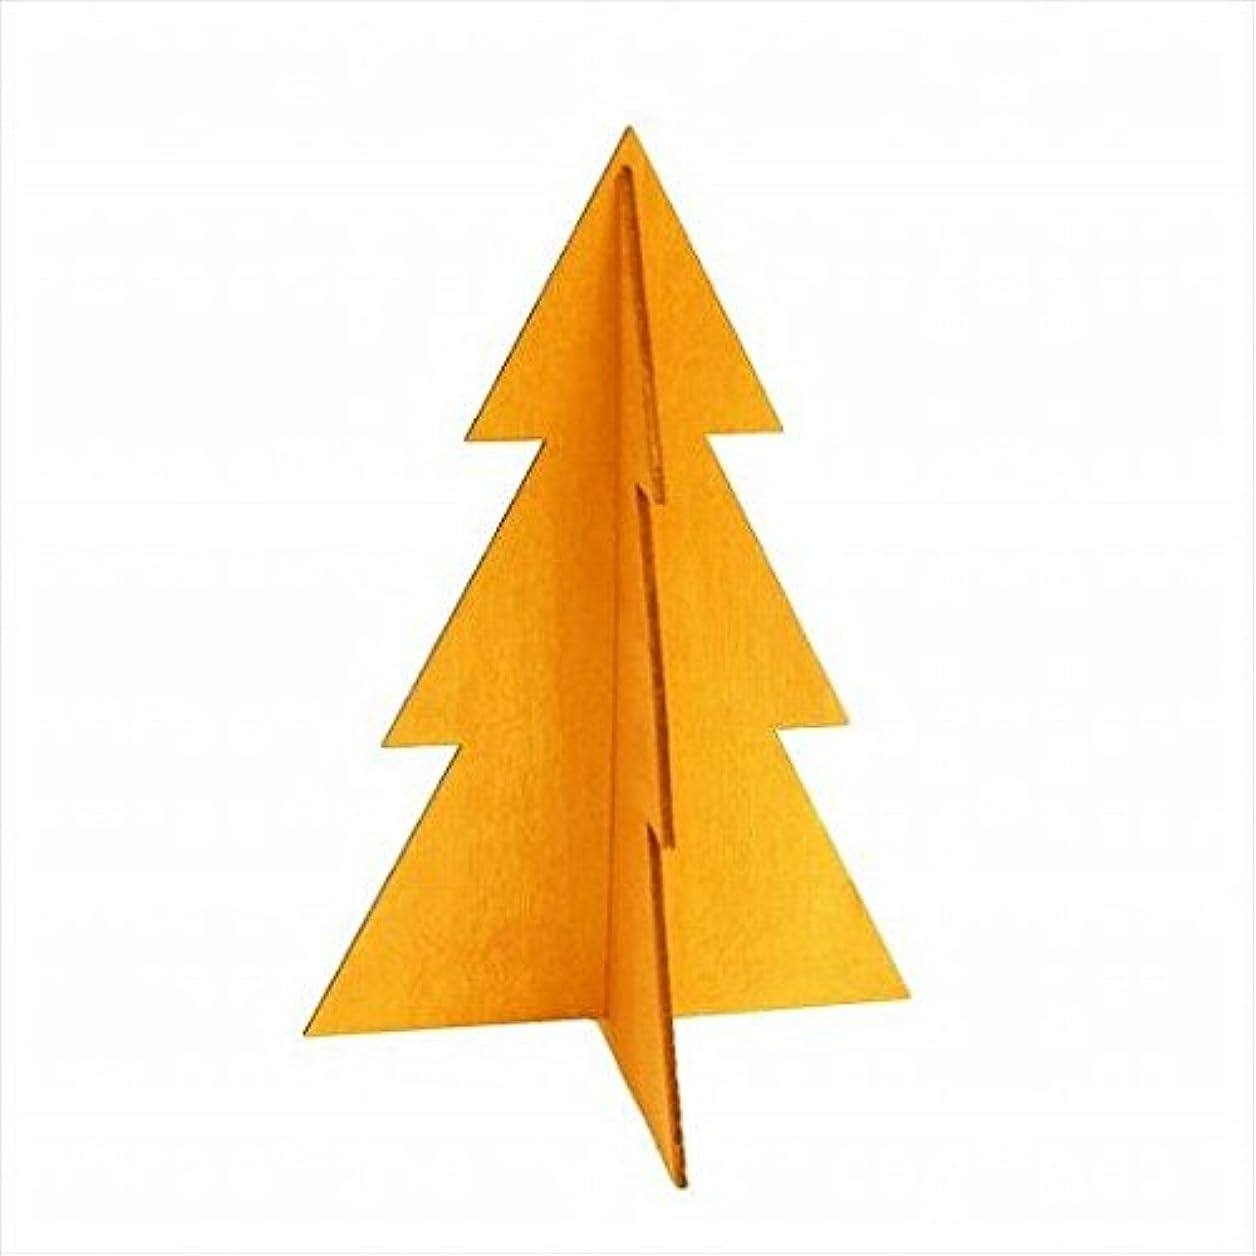 イチゴポケット悲劇kameyama candle(カメヤマキャンドル) フェスティブツリーM 「 オレンジ 」 キャンドル 144x144x210mm (I882243009)